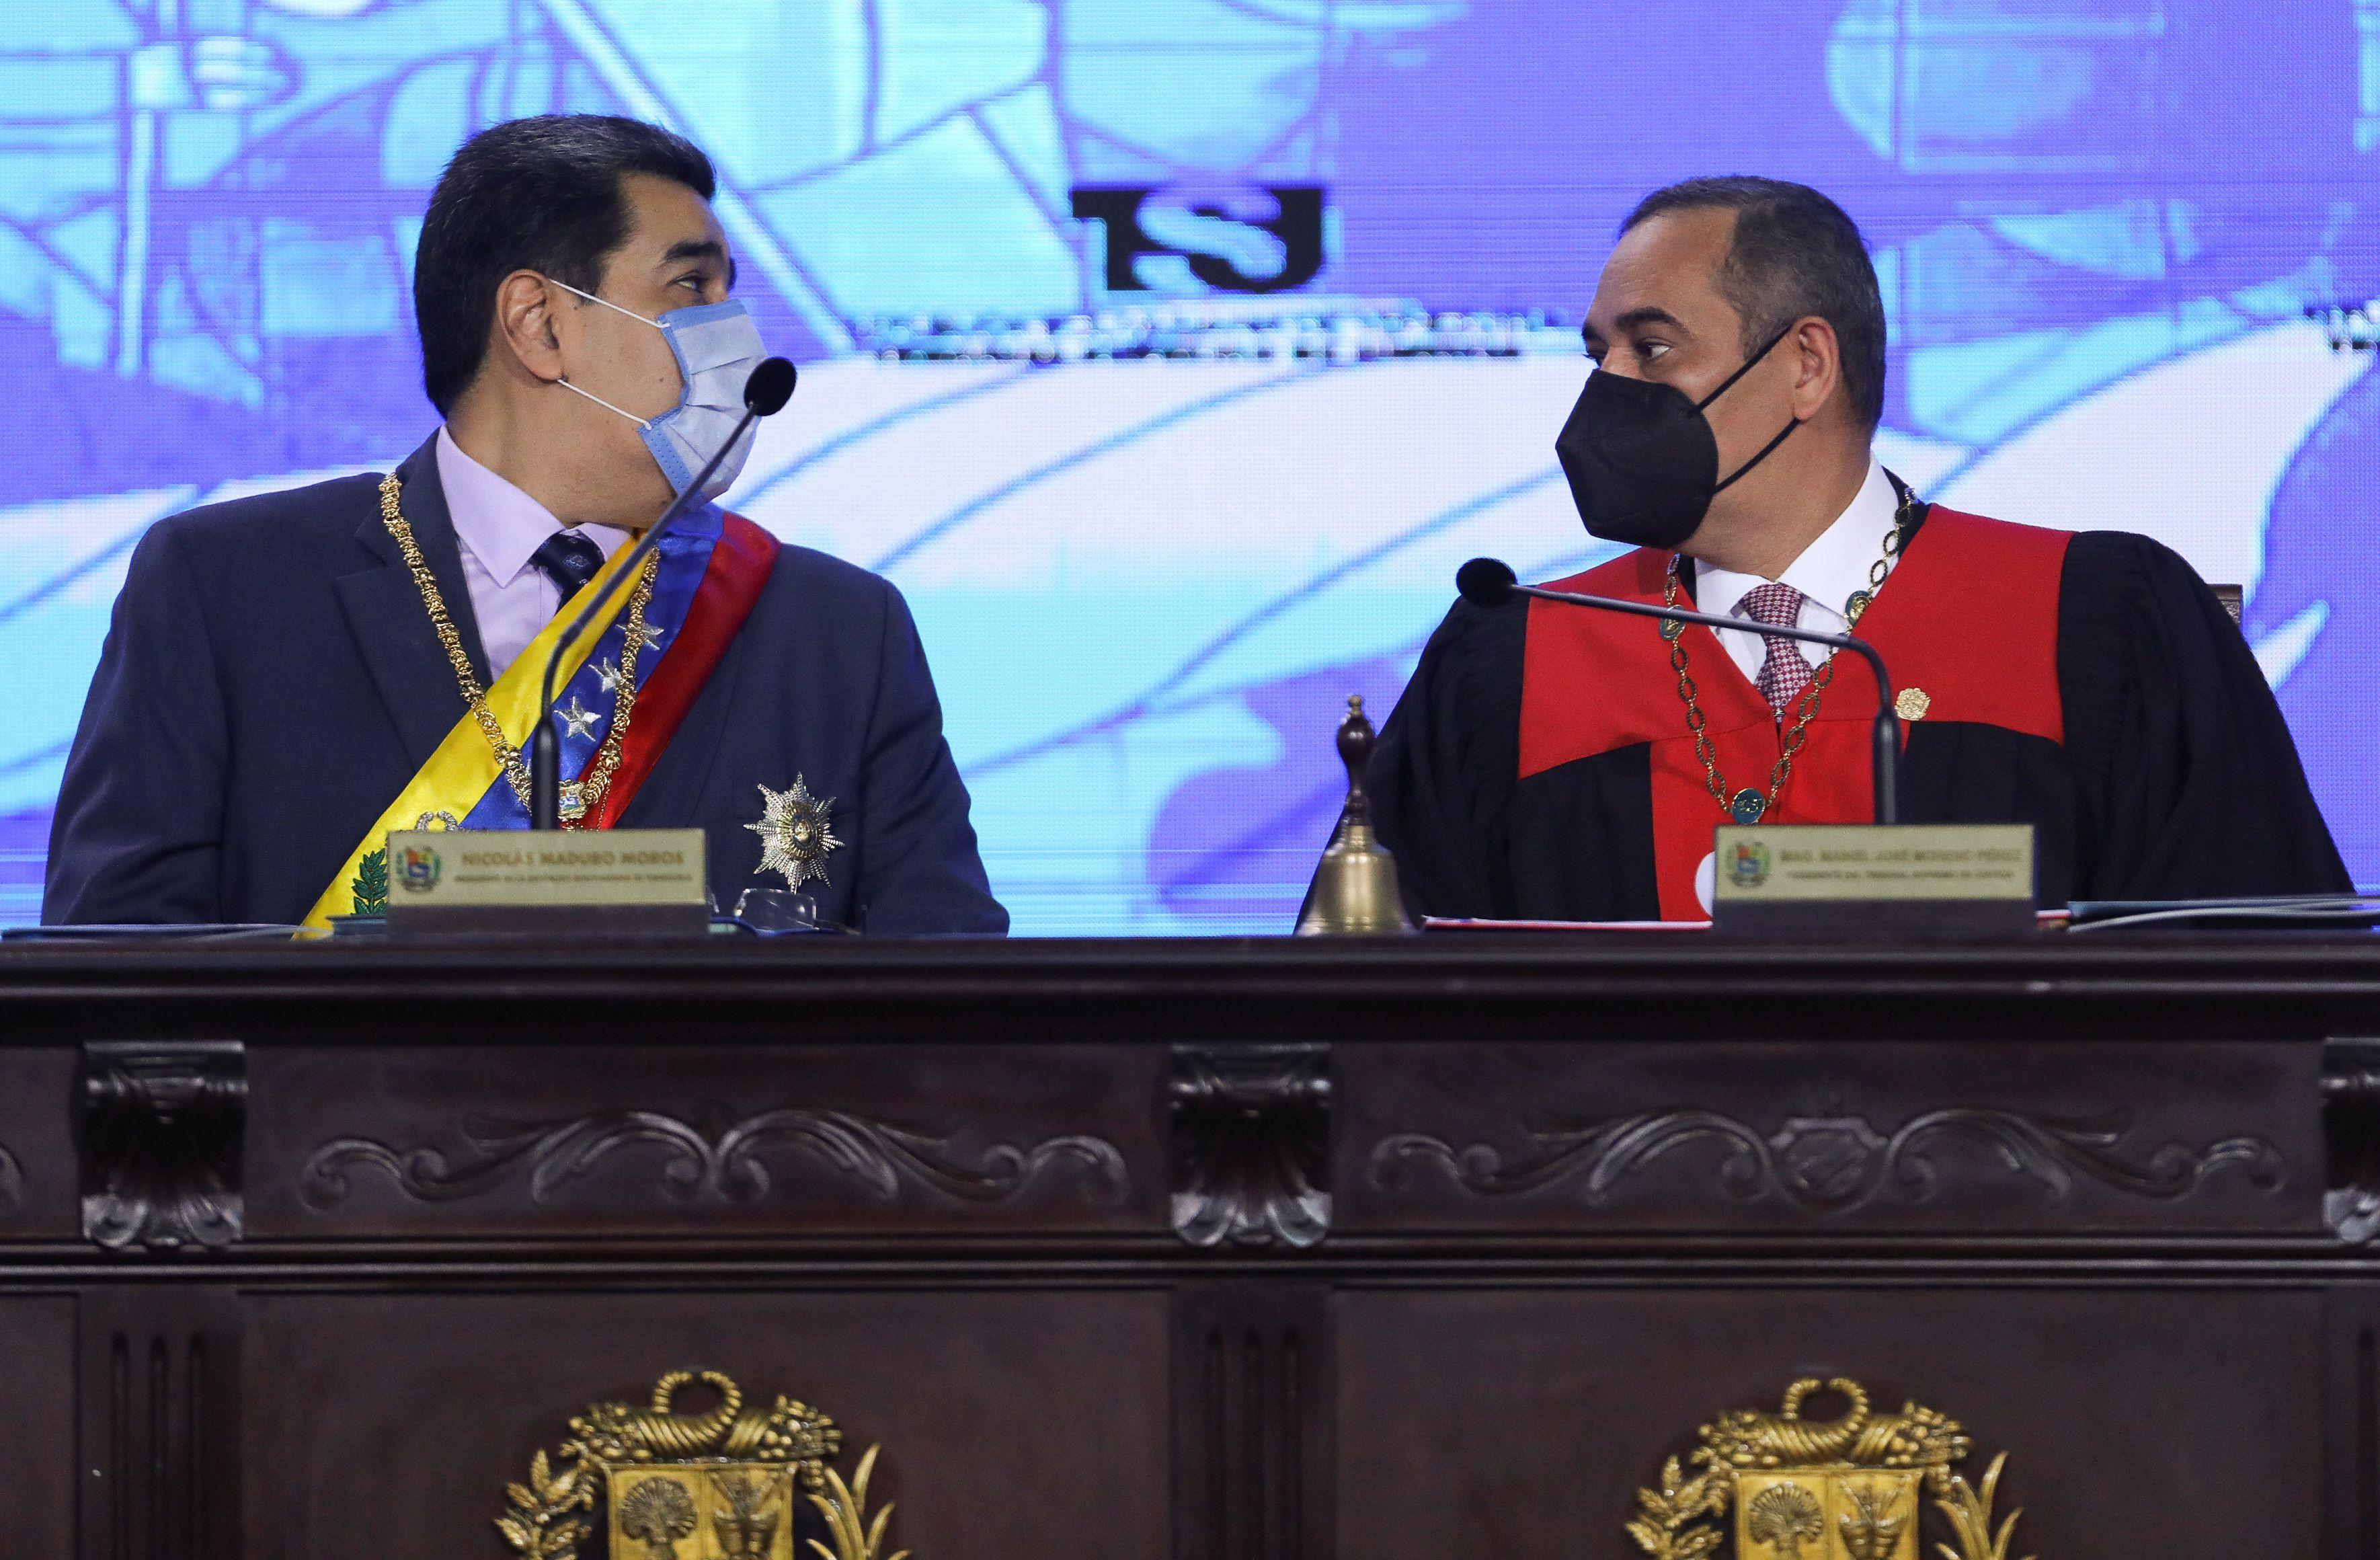 El dictador Nicolás Maduro y Maikel Moreno, su representante en el Tribunal Supremo del país